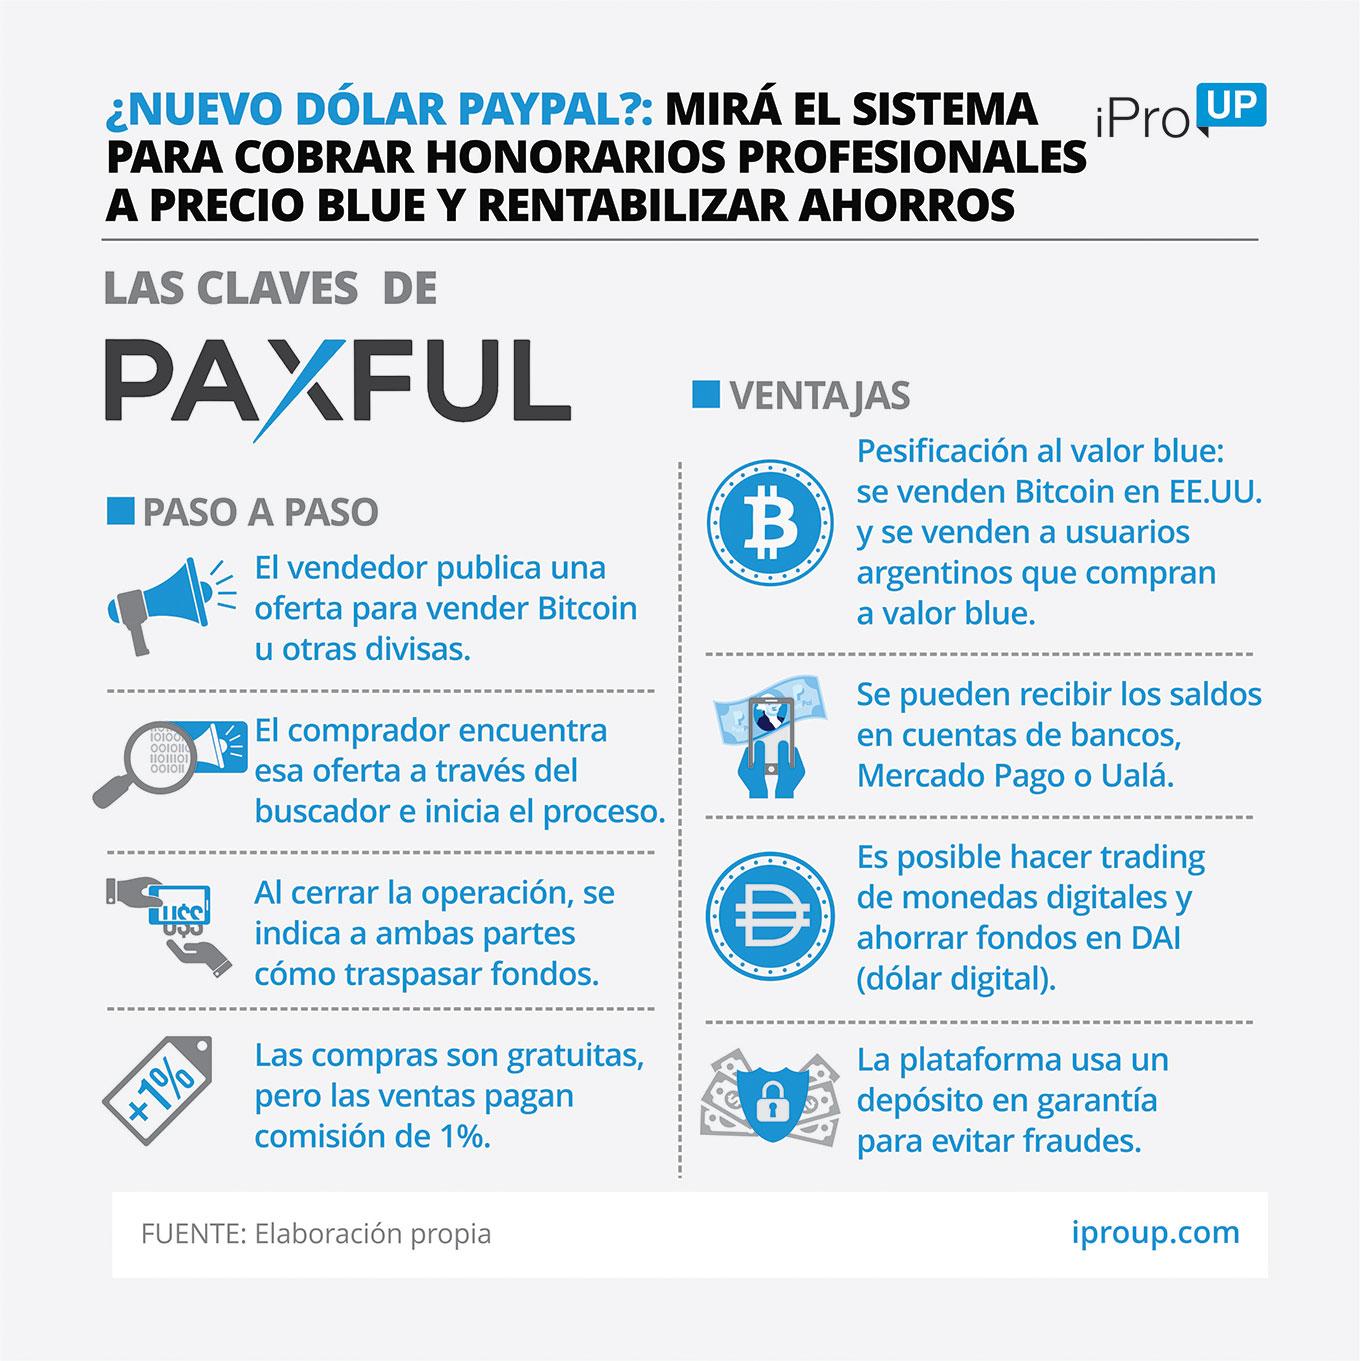 Funcionamiento de PaxFul